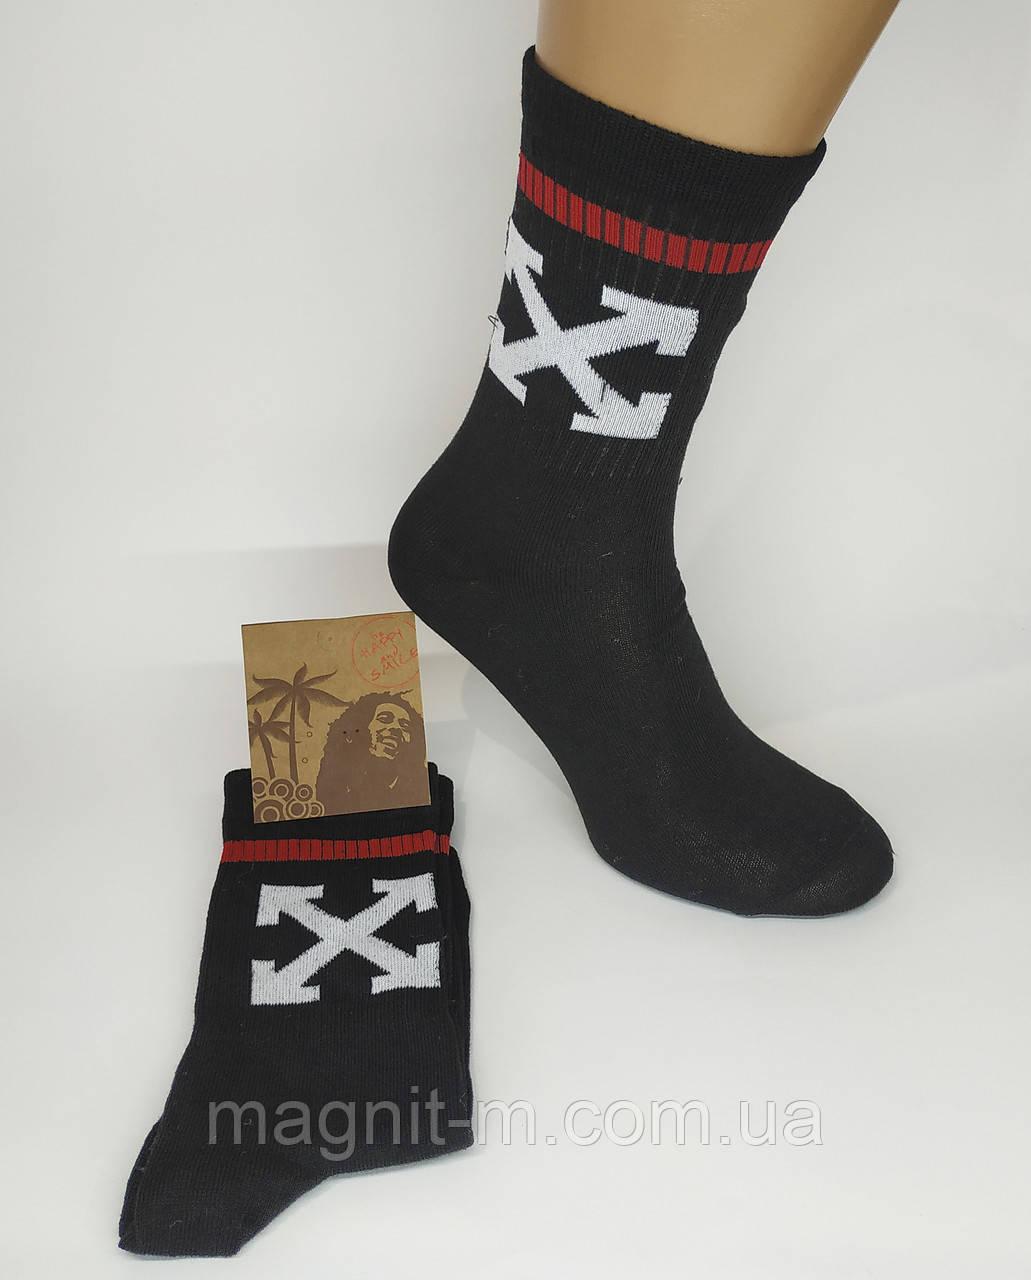 Женские модные высокие носки. Р-р 36-39. Черный цвет. (Розница).